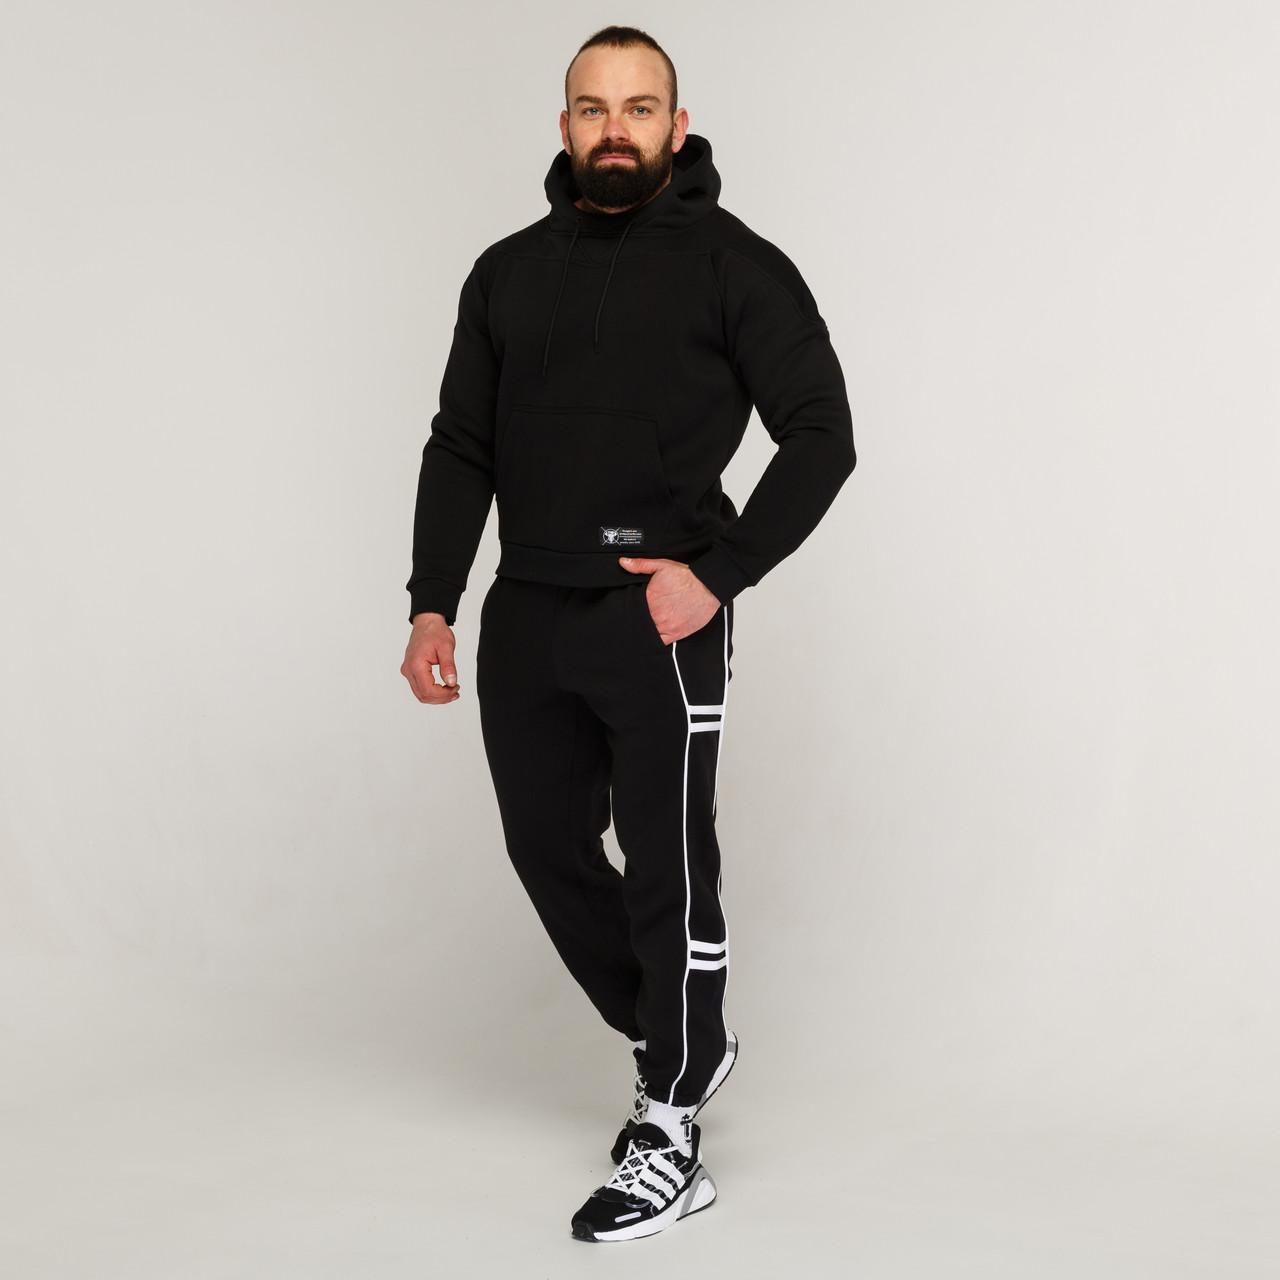 Зимние спортивные штаны мужские чёрные от бренда ТУР модель Сектор 2.0 (Sector)